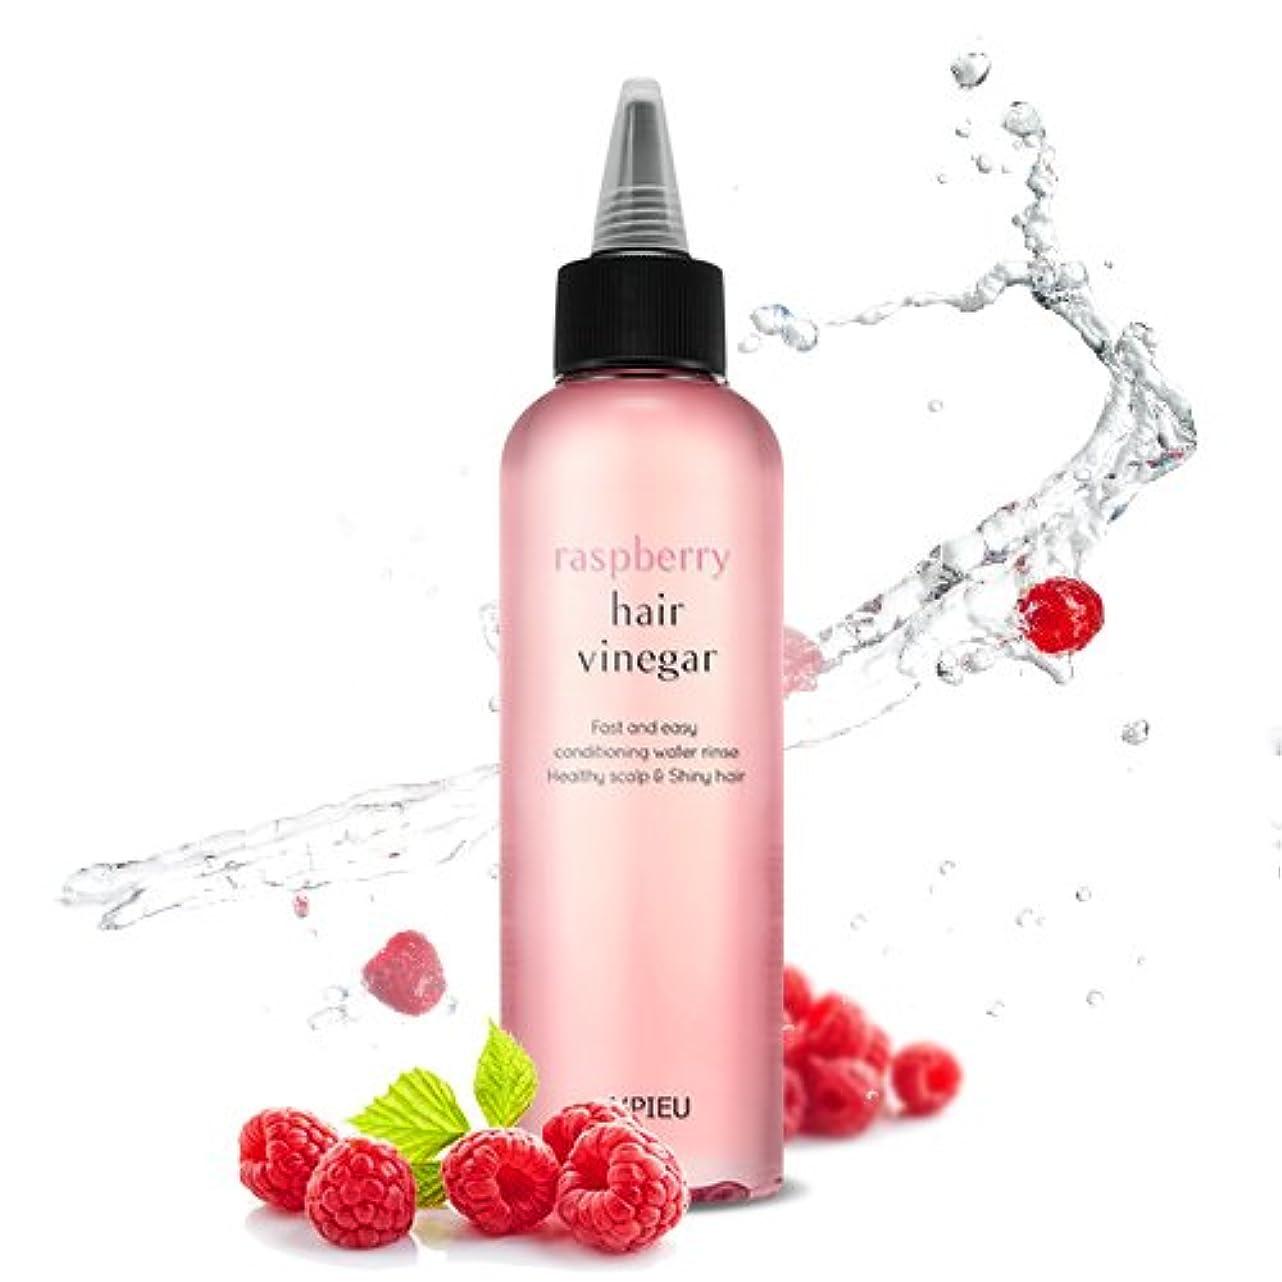 ぎこちない驚いたことにシャープAPIEU Raspberry Hair Vinegar / [アピュ/オピュ] ラズベリーヘアビネガー 200ml [並行輸入品]